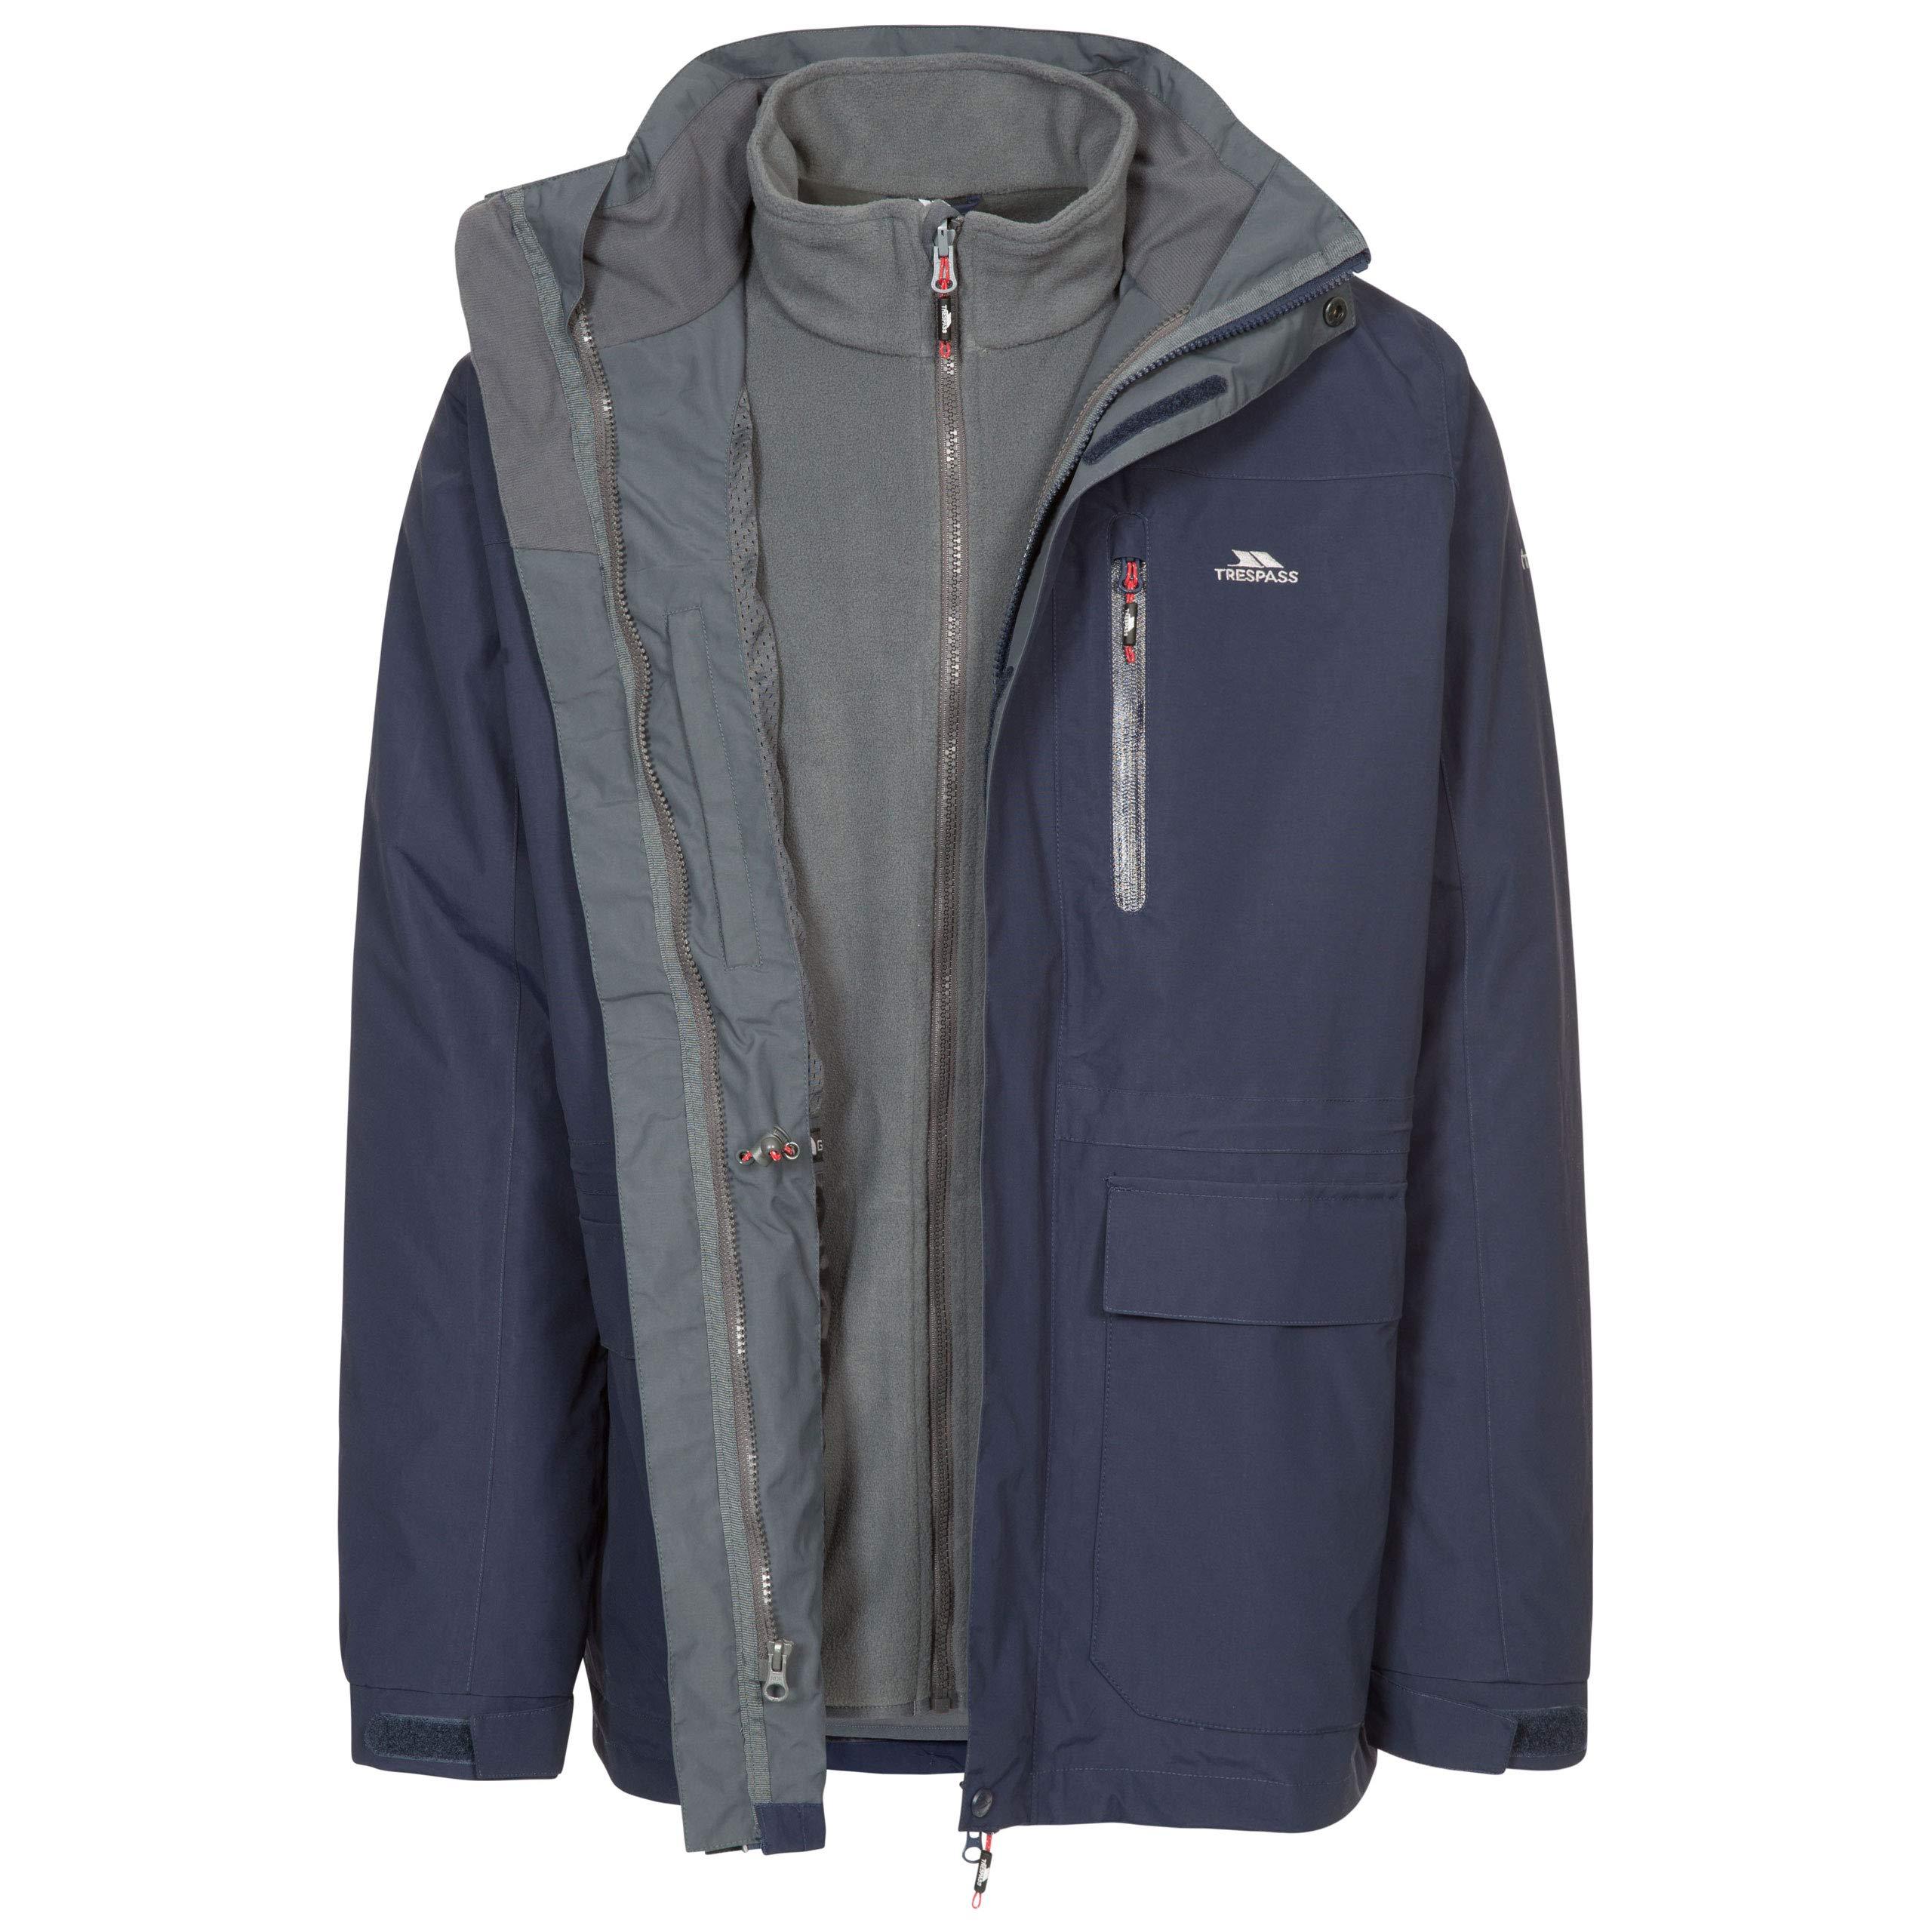 不法侵入Edwater IIトリプル防水レインコート/機能ジャケット/風と雨のジャケット、フード付き、取り外し可能なメンズ下着